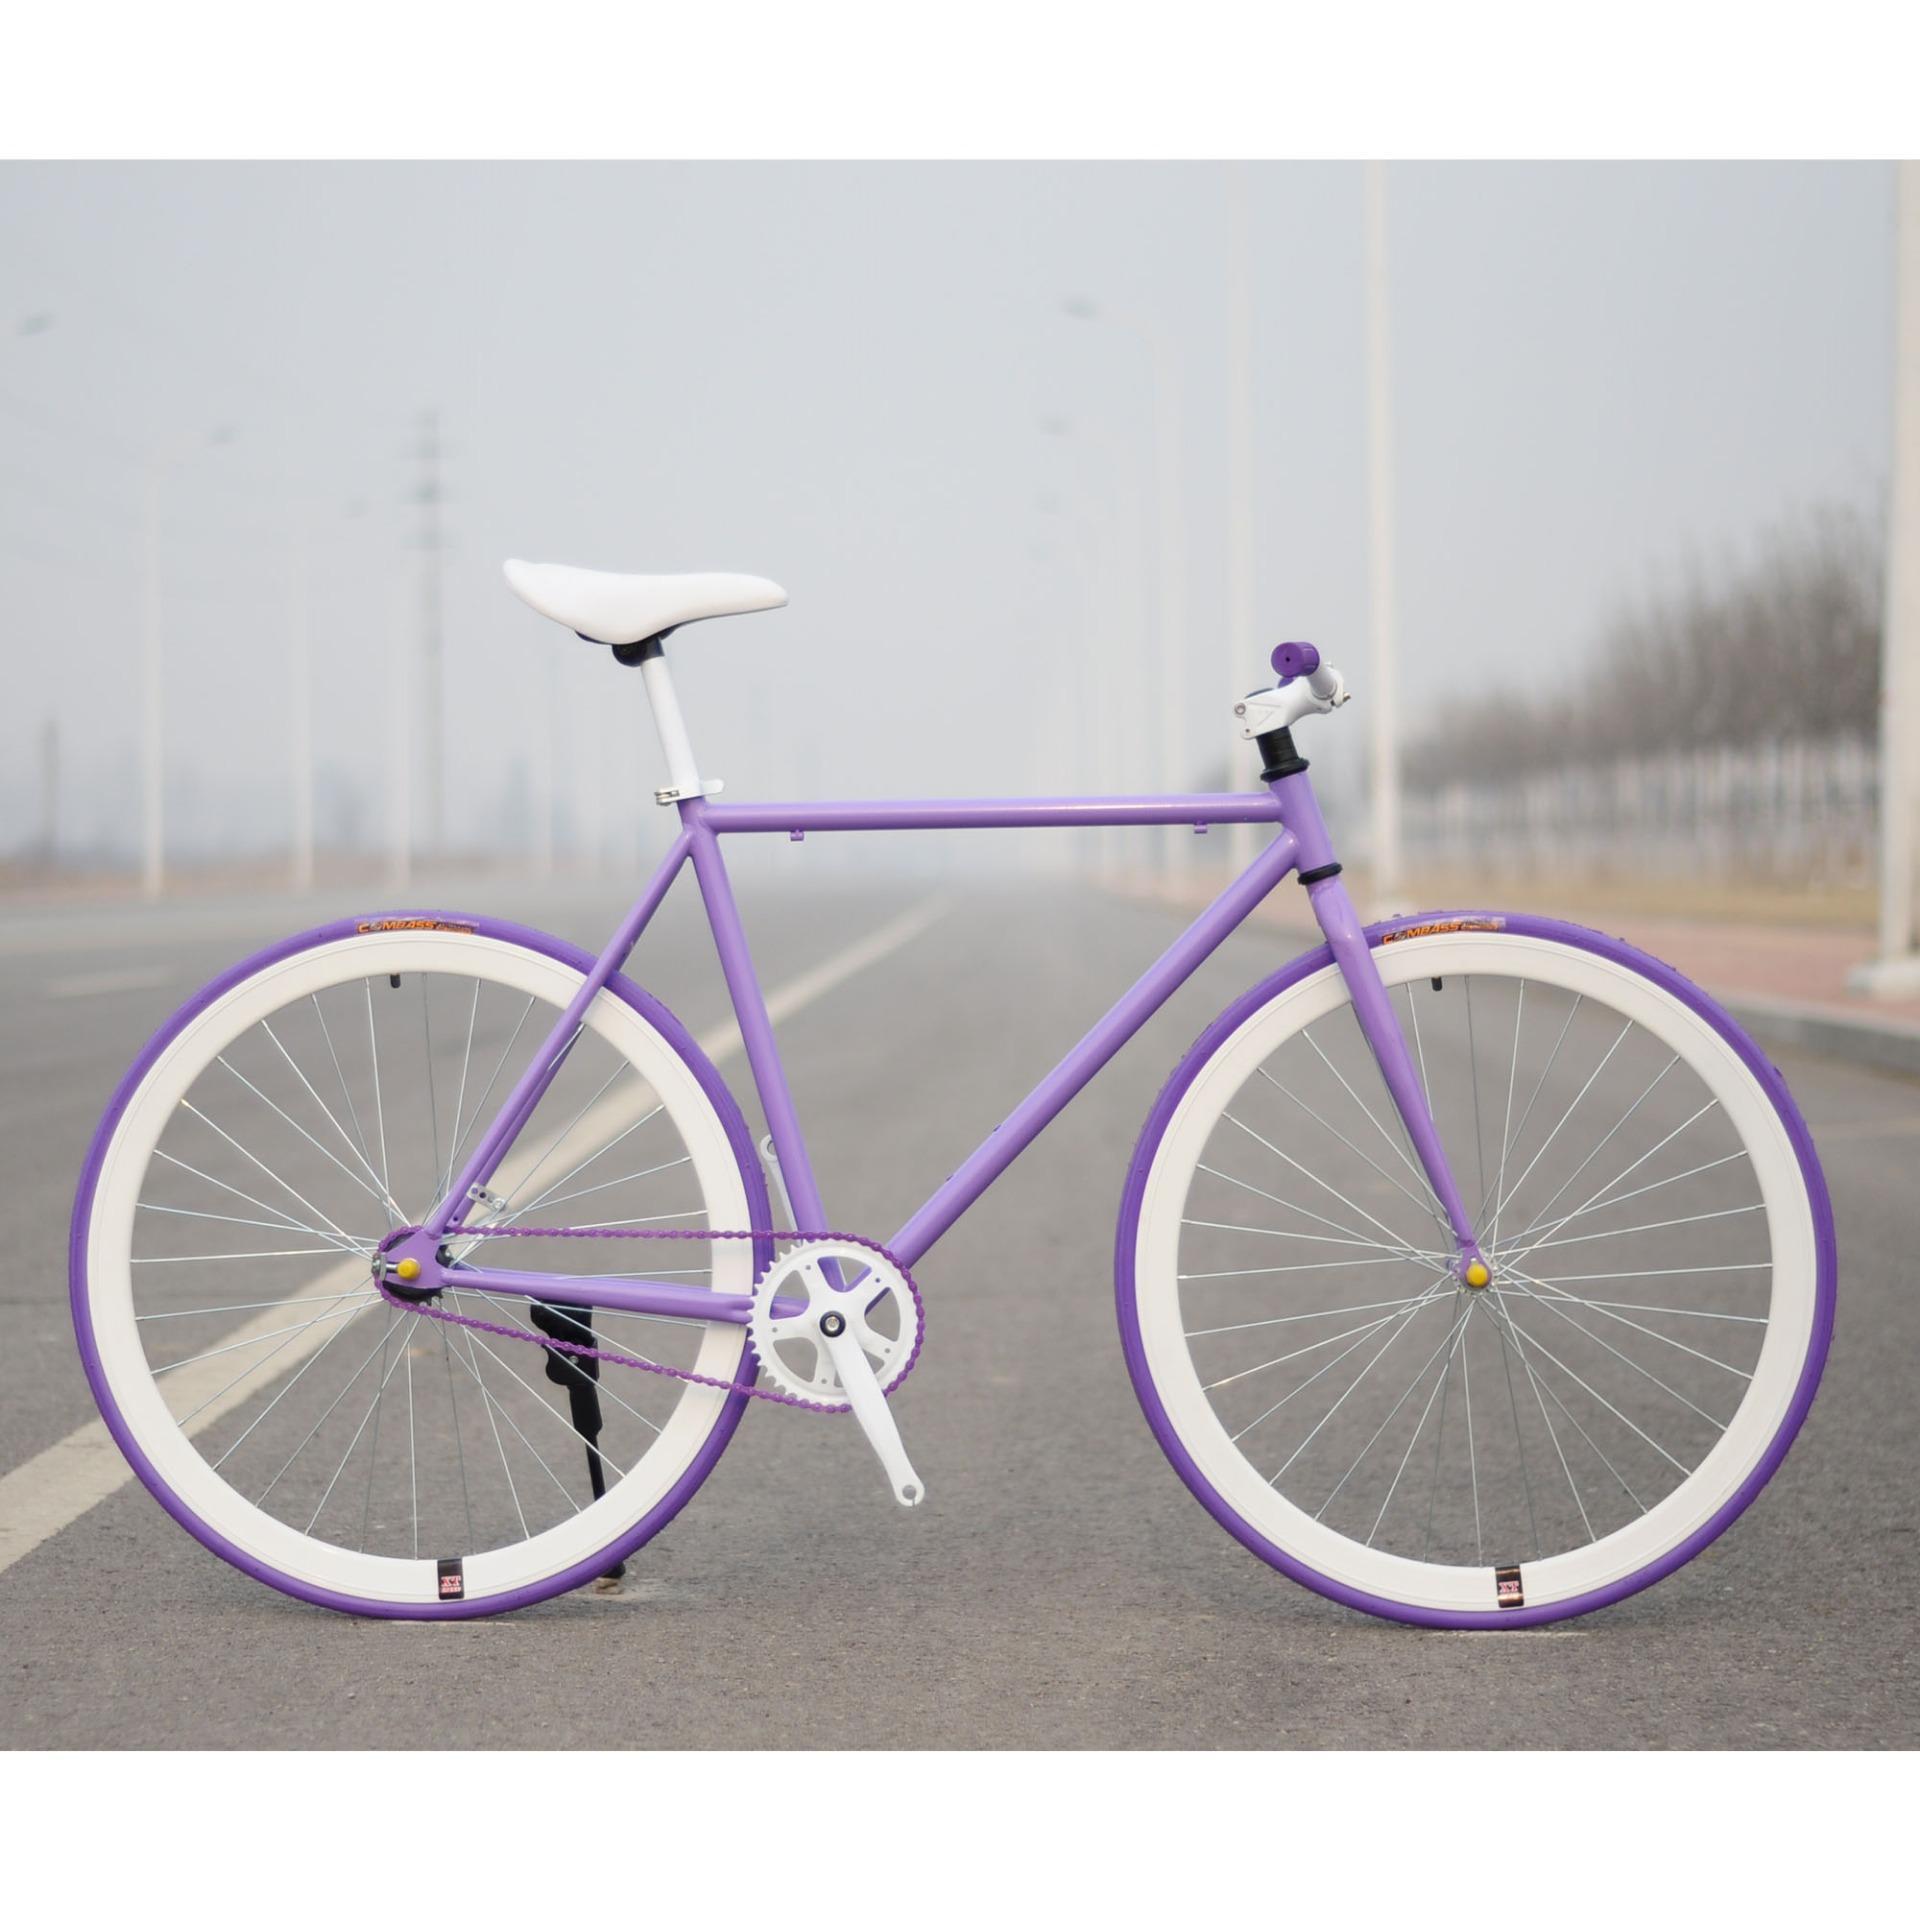 Xe đạp Fixed Gear Single Speed (Tím vành trắng)